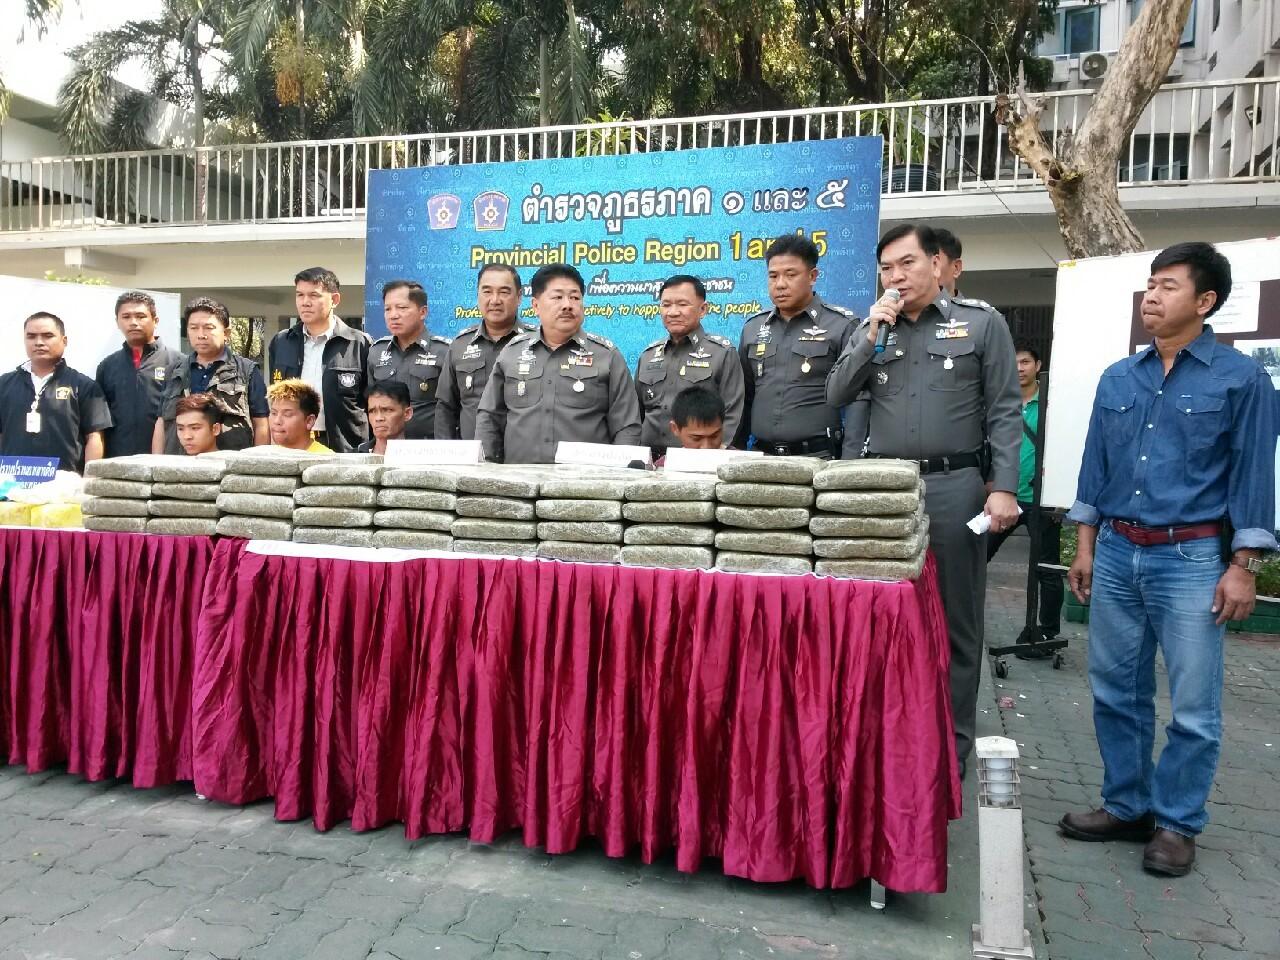 แถลงข่าว การจับกุมคดี มียาเสพติดให้โทษประเภท 5 (กัญชา) 205 กิโลกรัม